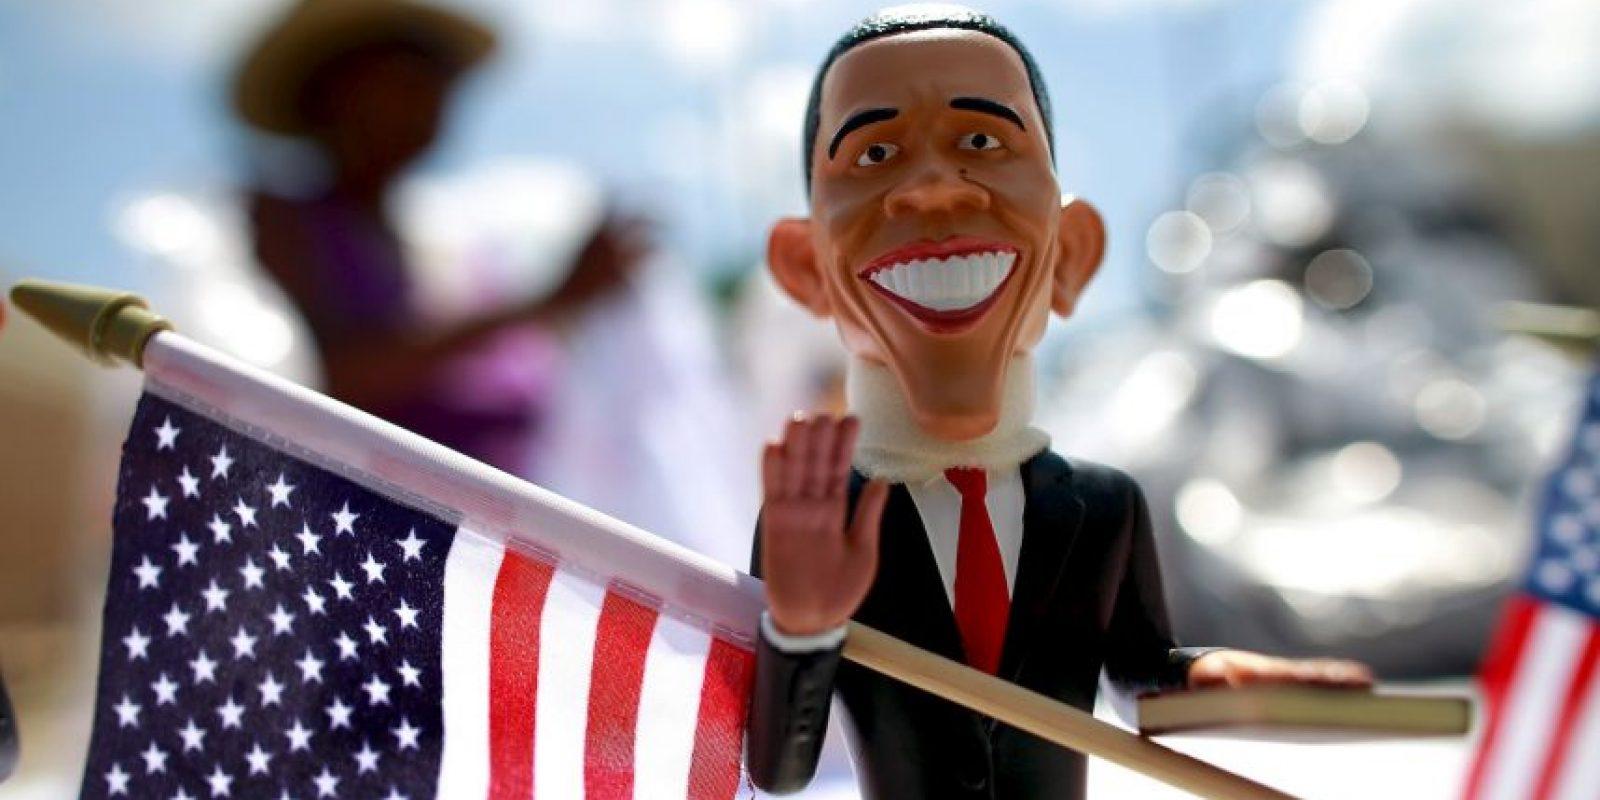 El presidente se convirtió en souvenir de Carolina del Norte en 2012. Foto:Getty Images